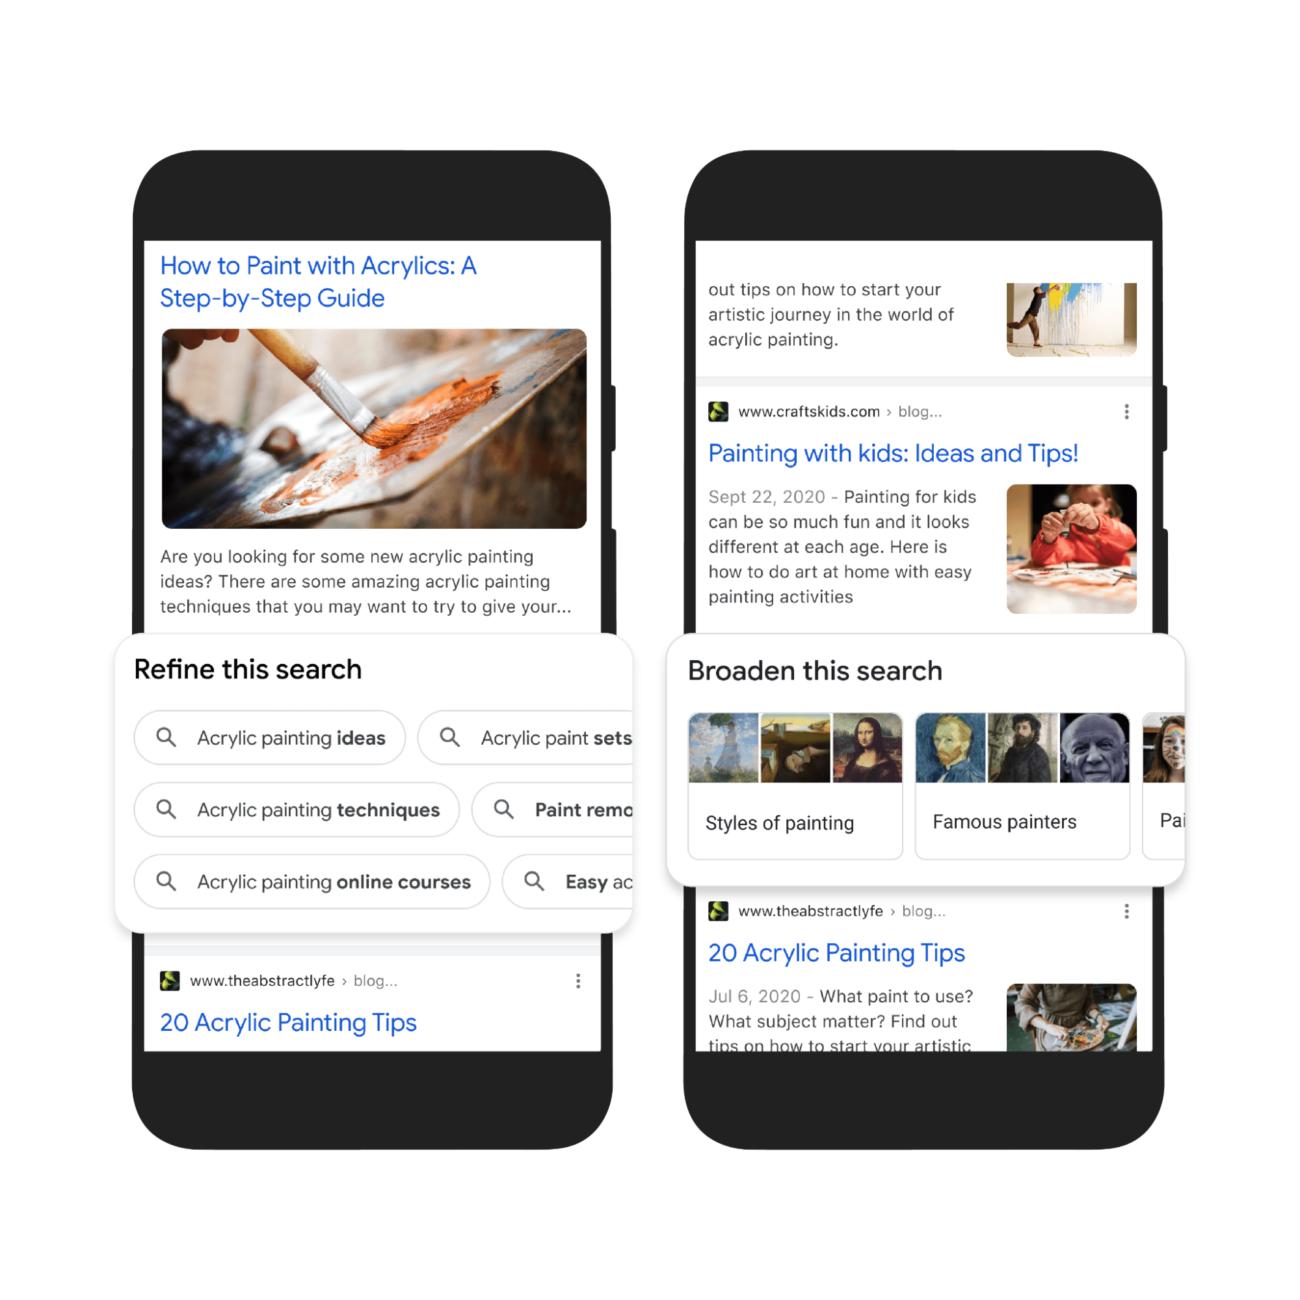 Пошук одночасно по фото і тексту, добірки для натхнення і вітрини товарів: Google анонсувала оновлення пошуку - tech, news